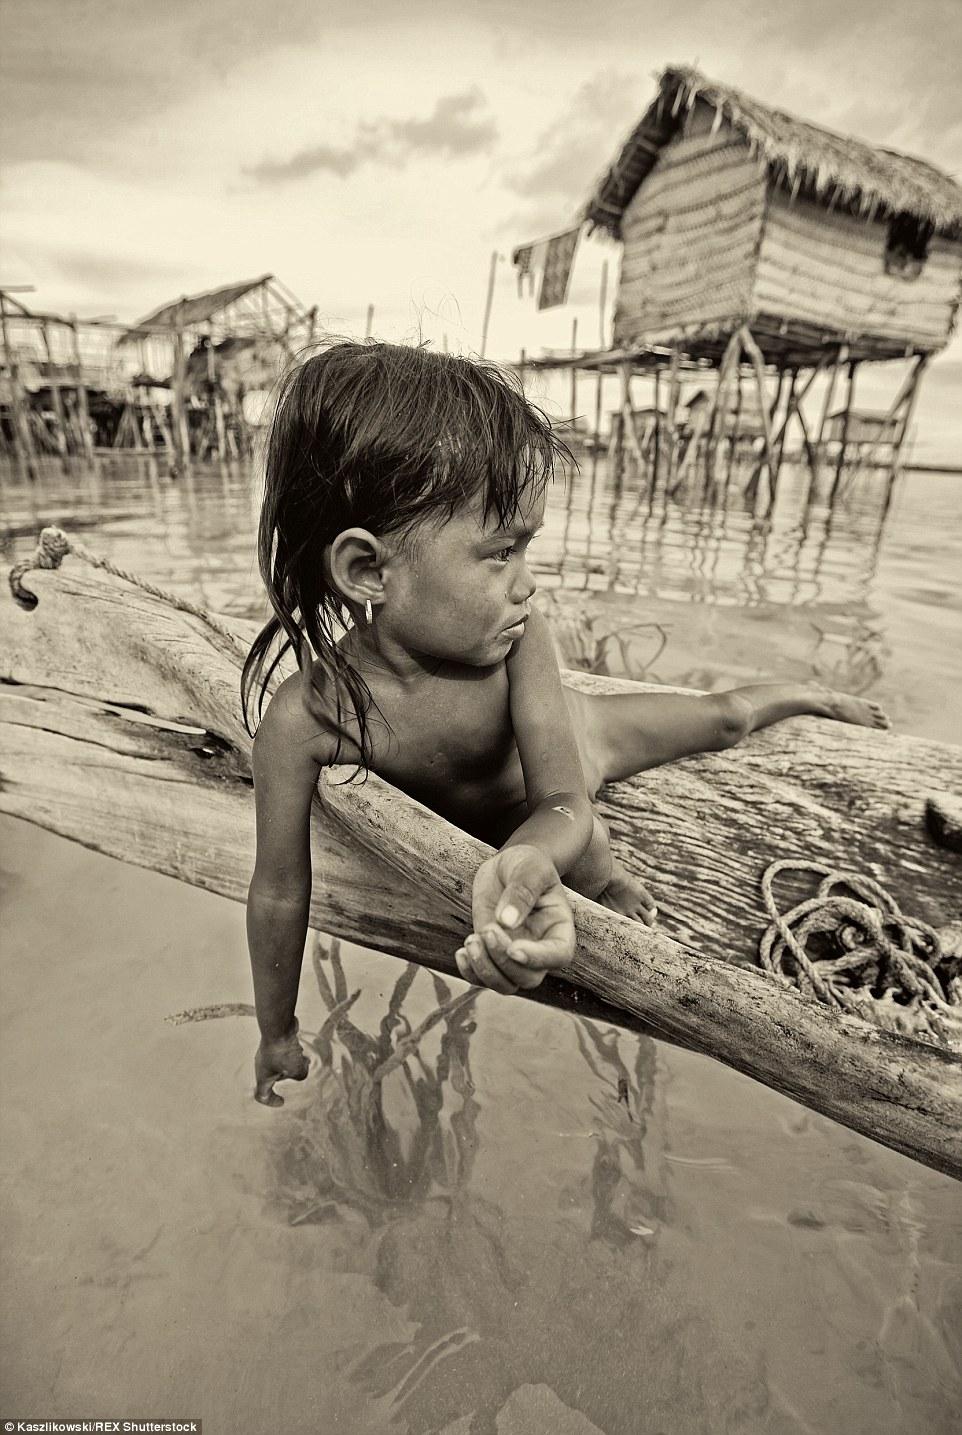 Chùm ảnh: Cuộc sống của bộ tộc du cư trên biển - 10